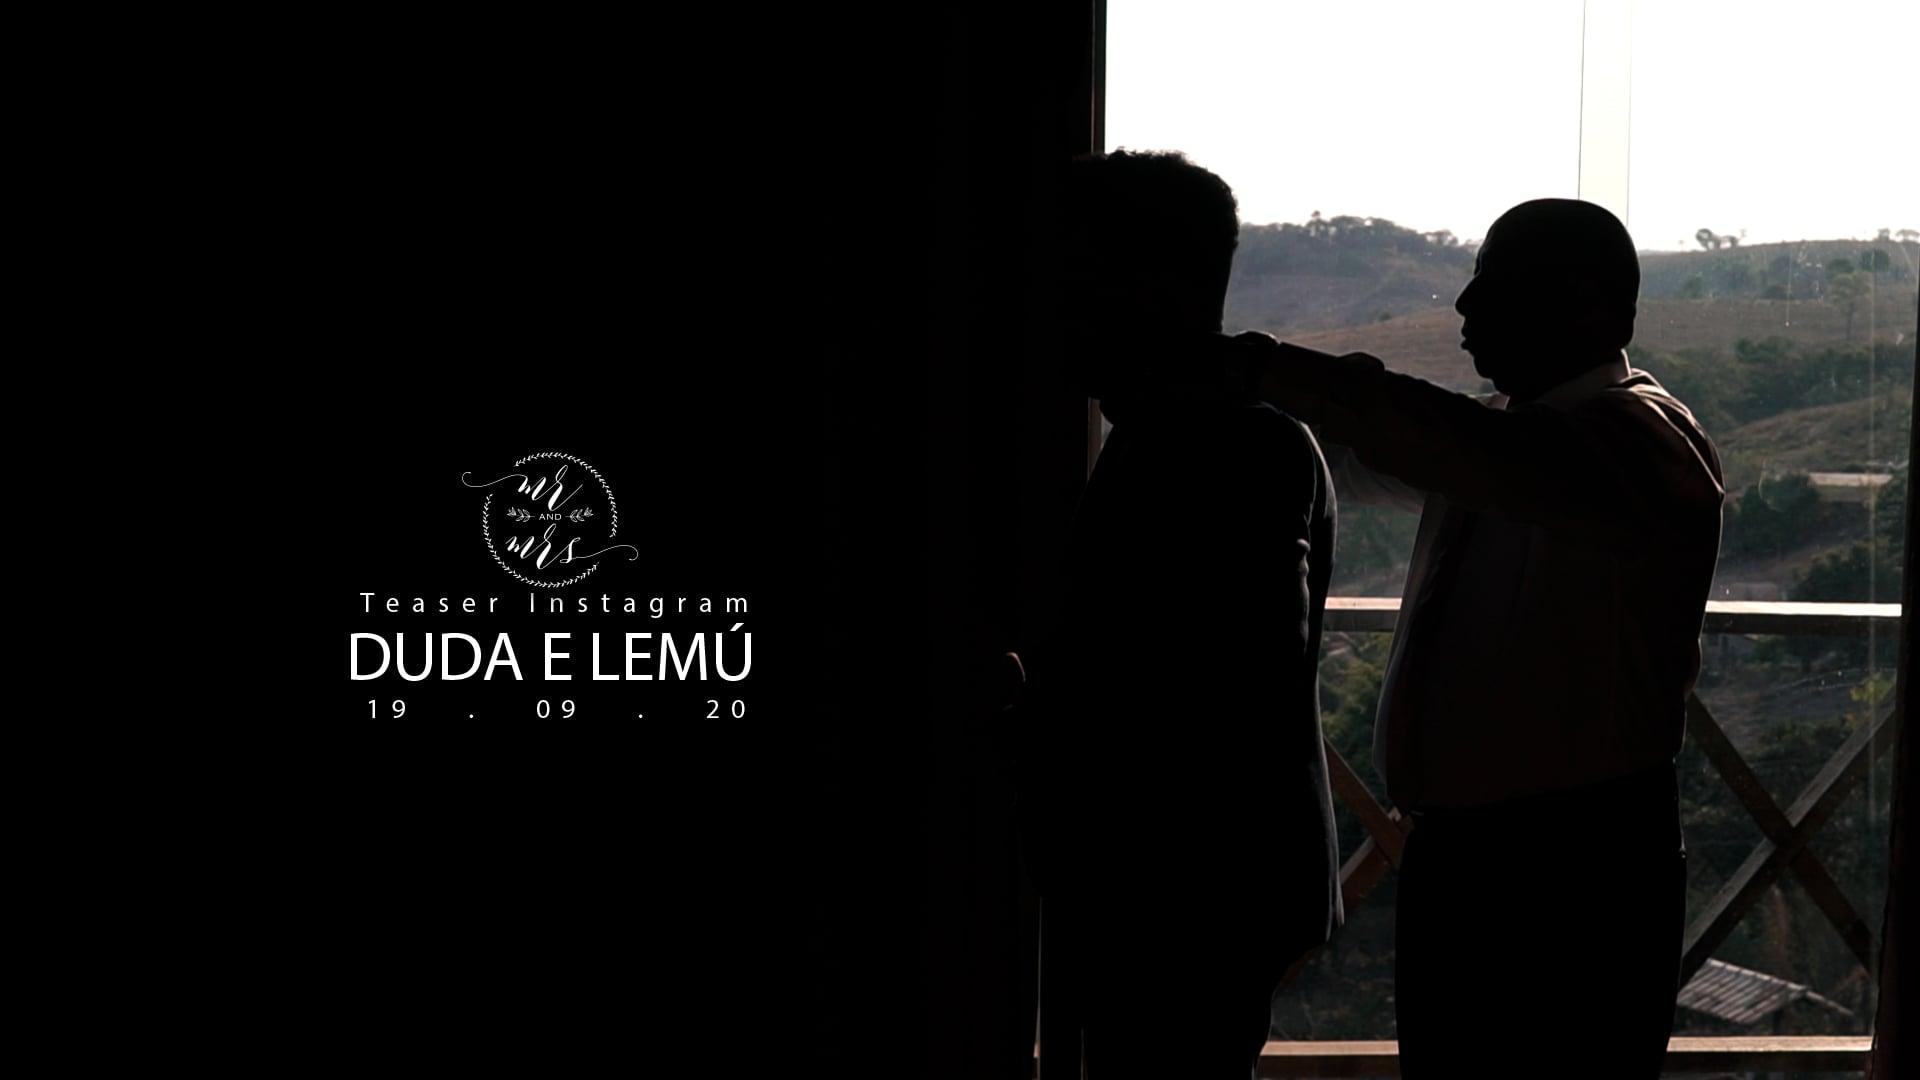 Teaser Instagram || Duda e Lemú